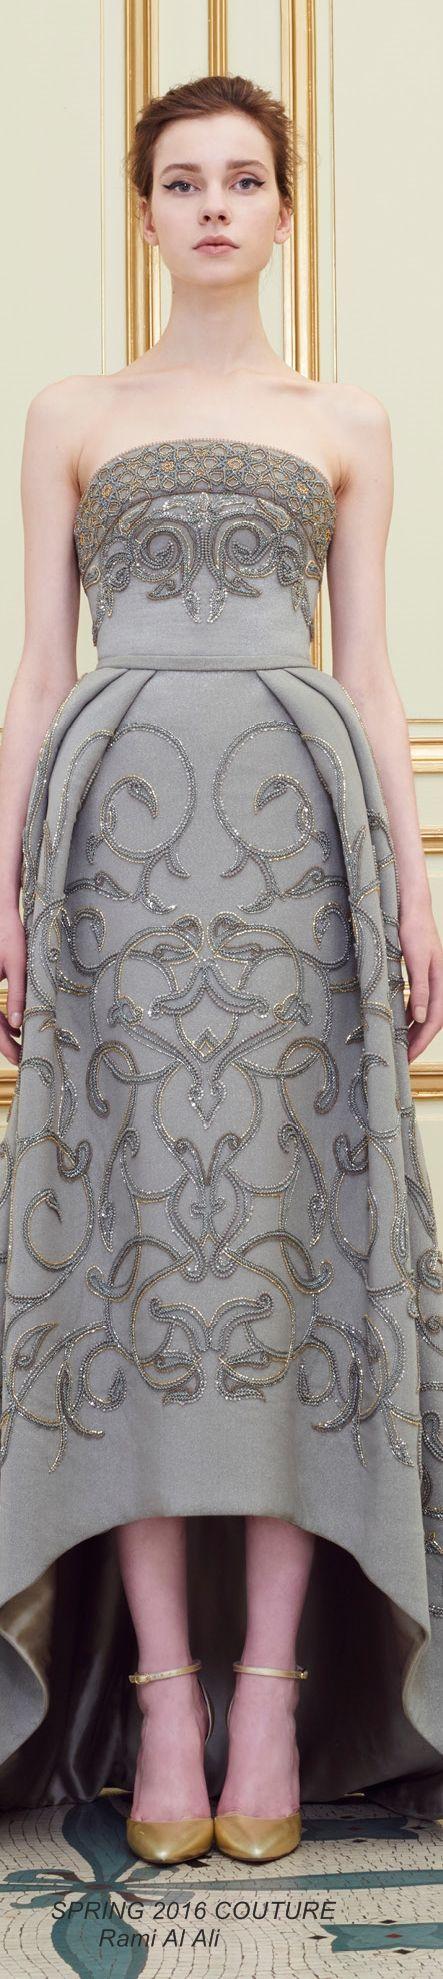 Rami Al Ali, Spring 2016 Couture